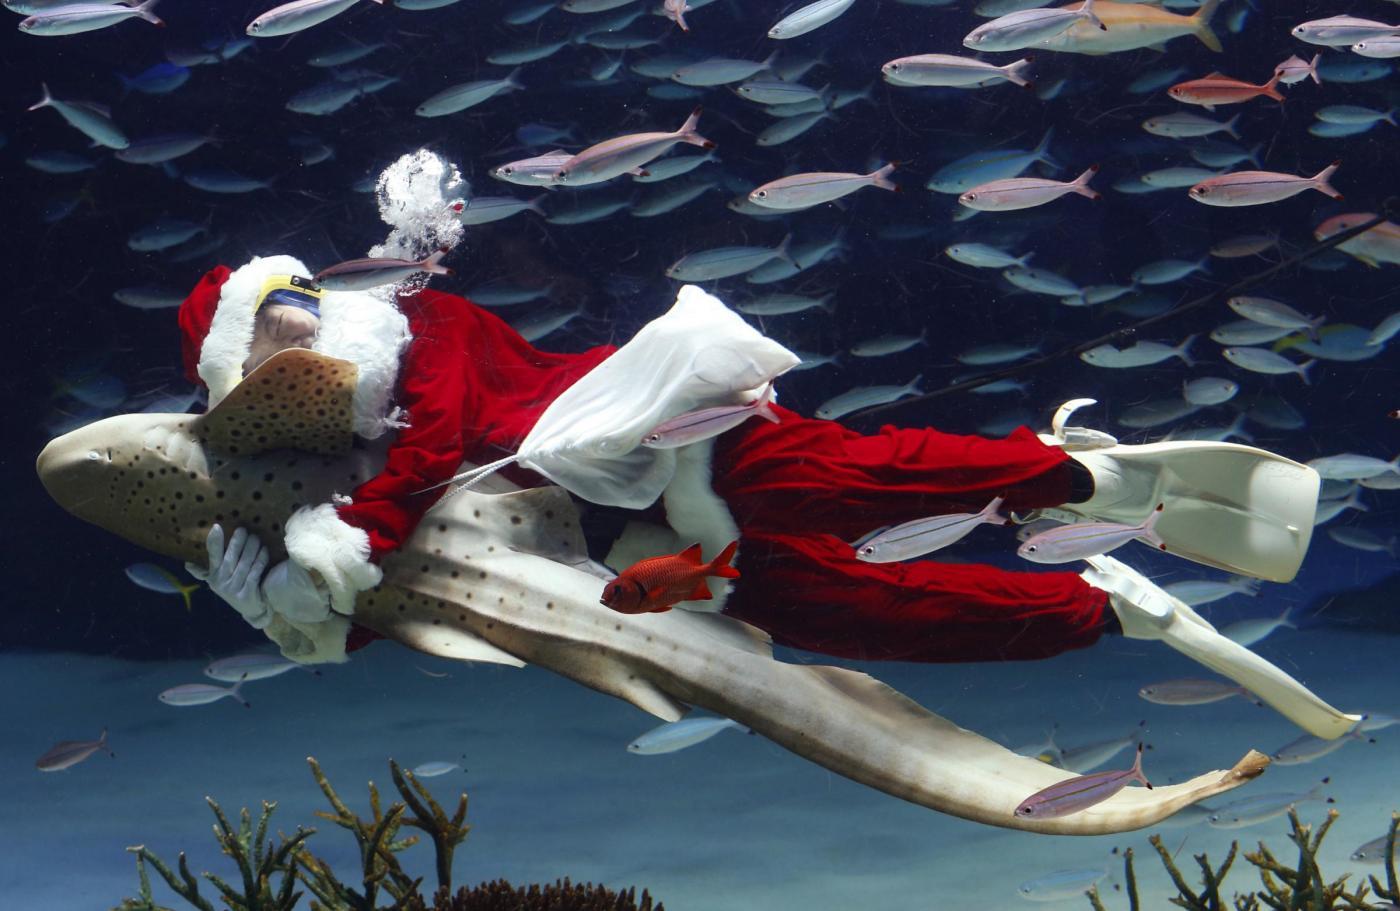 Babbo Natale versione sub all'acquario di Tokyo01